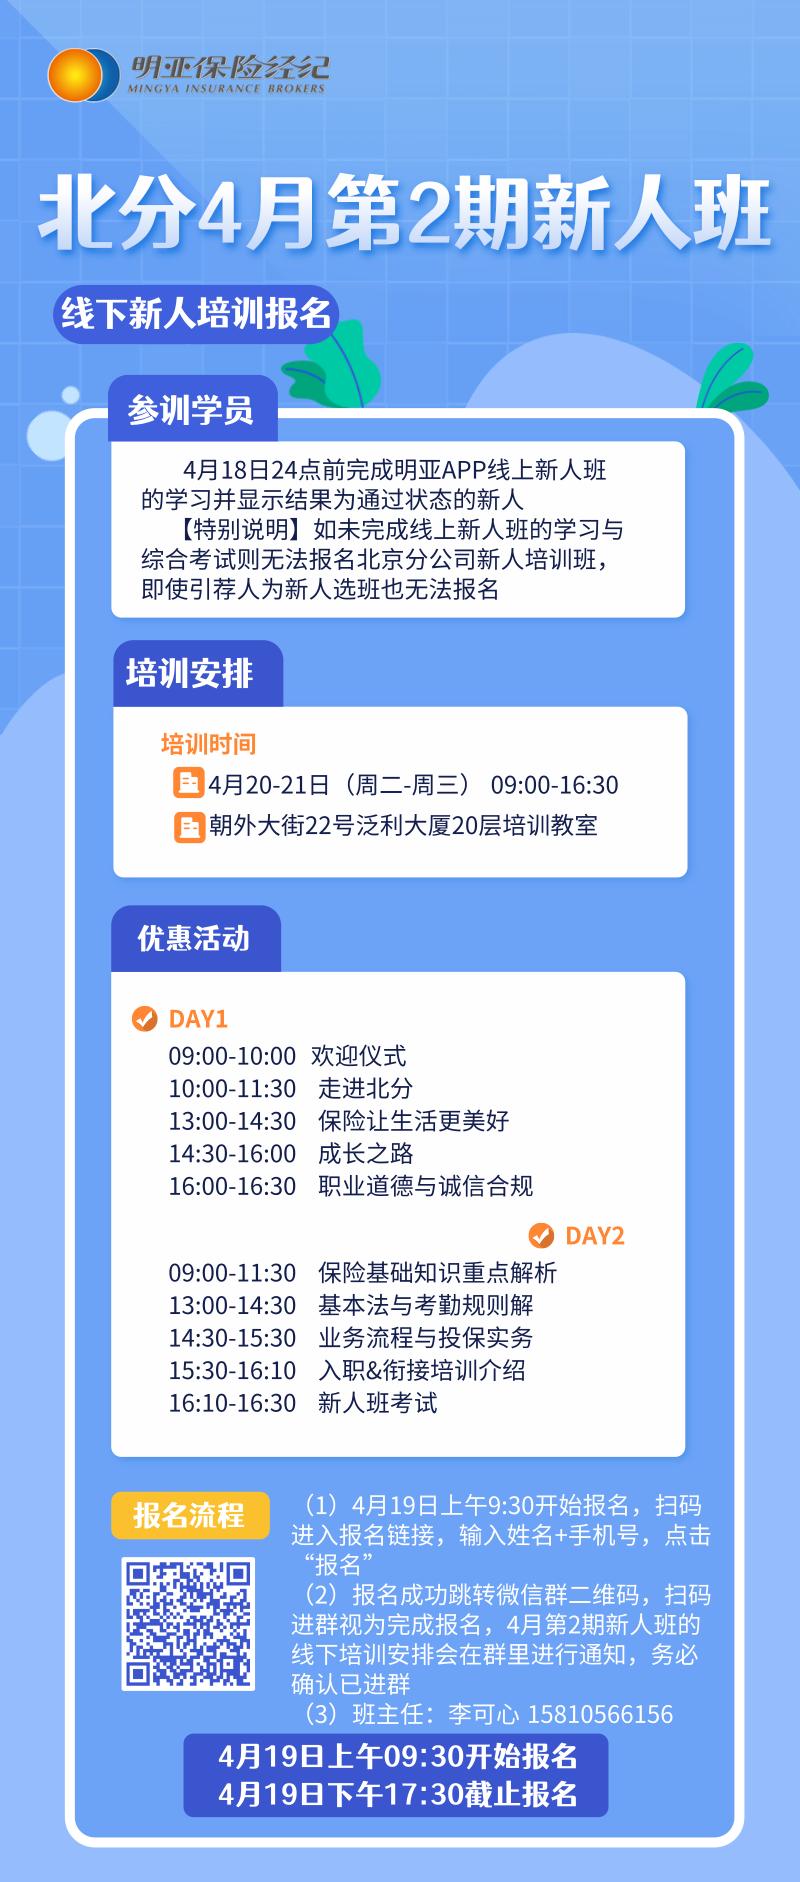 明亚保险经纪北京分公司4月第2期新人班4月20日开训啦!